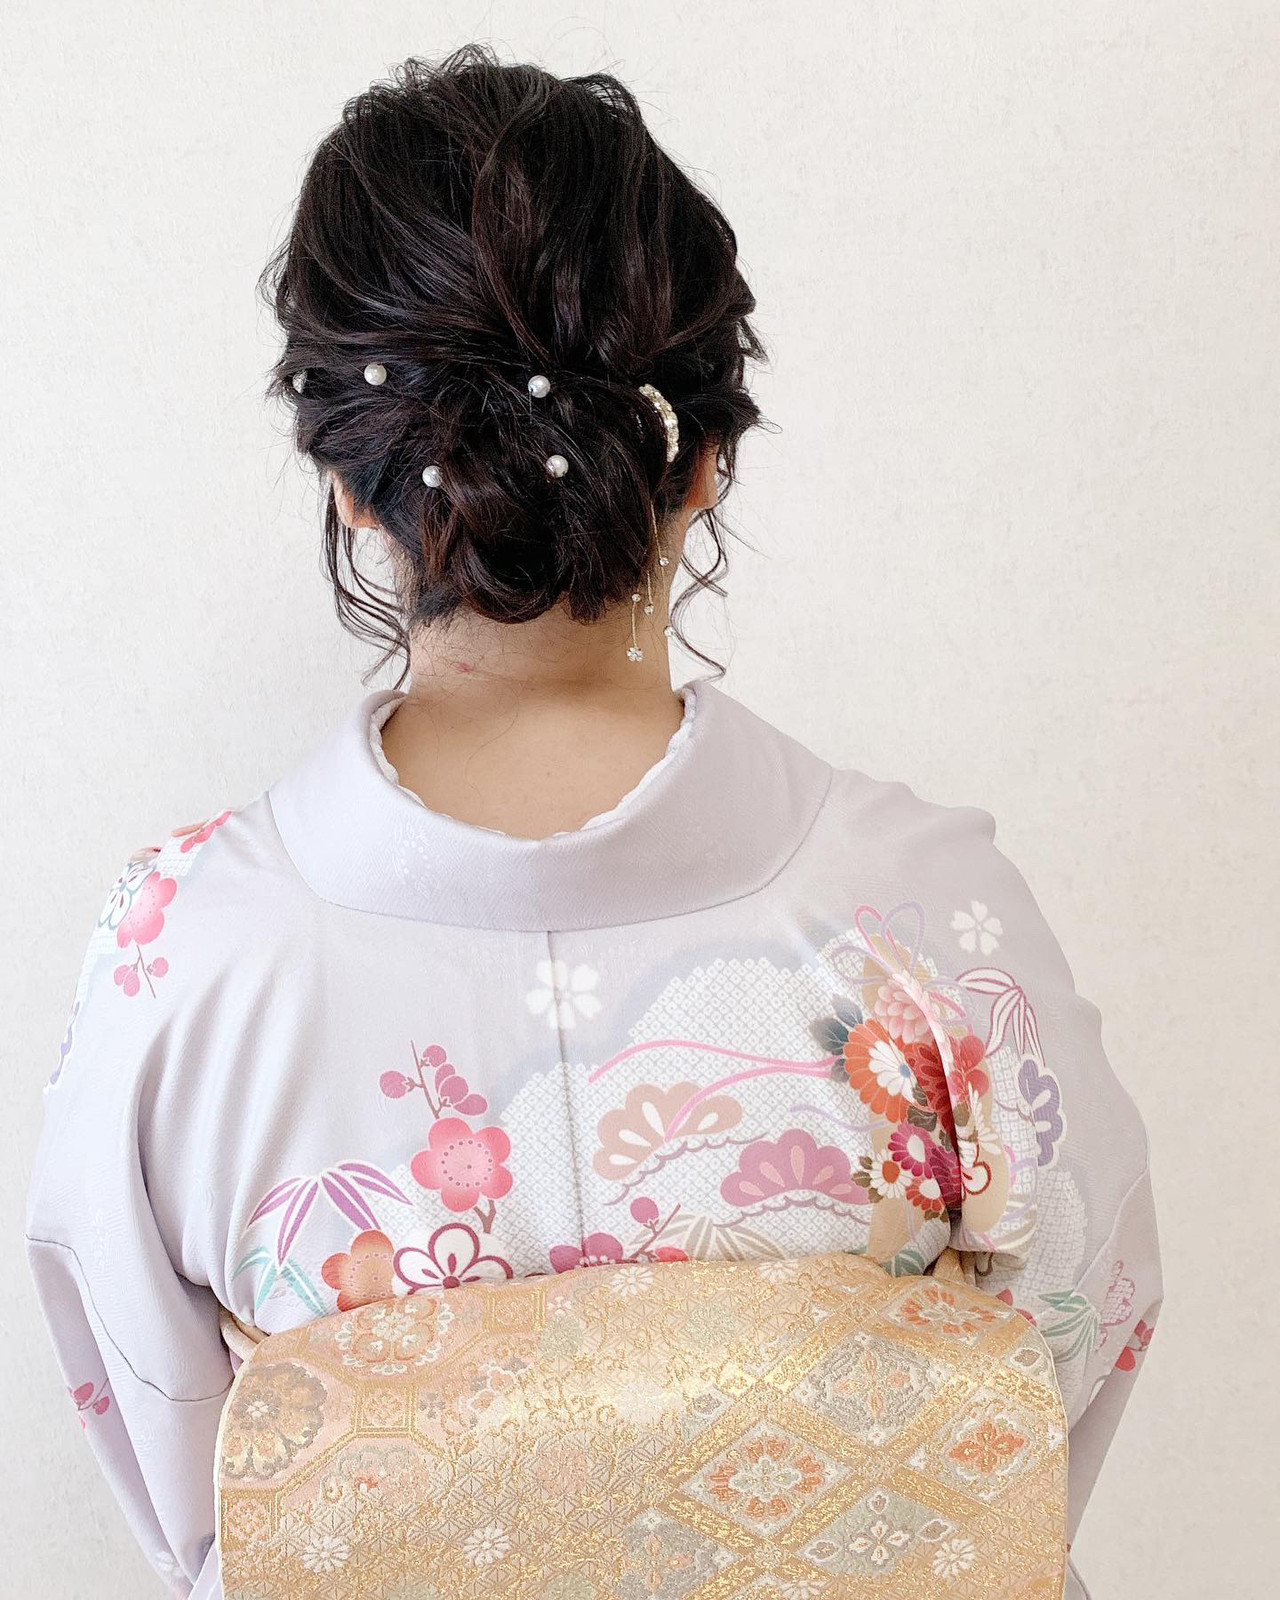 着物 訪問着 アップスタイル 結婚式 ヘアスタイルや髪型の写真・画像